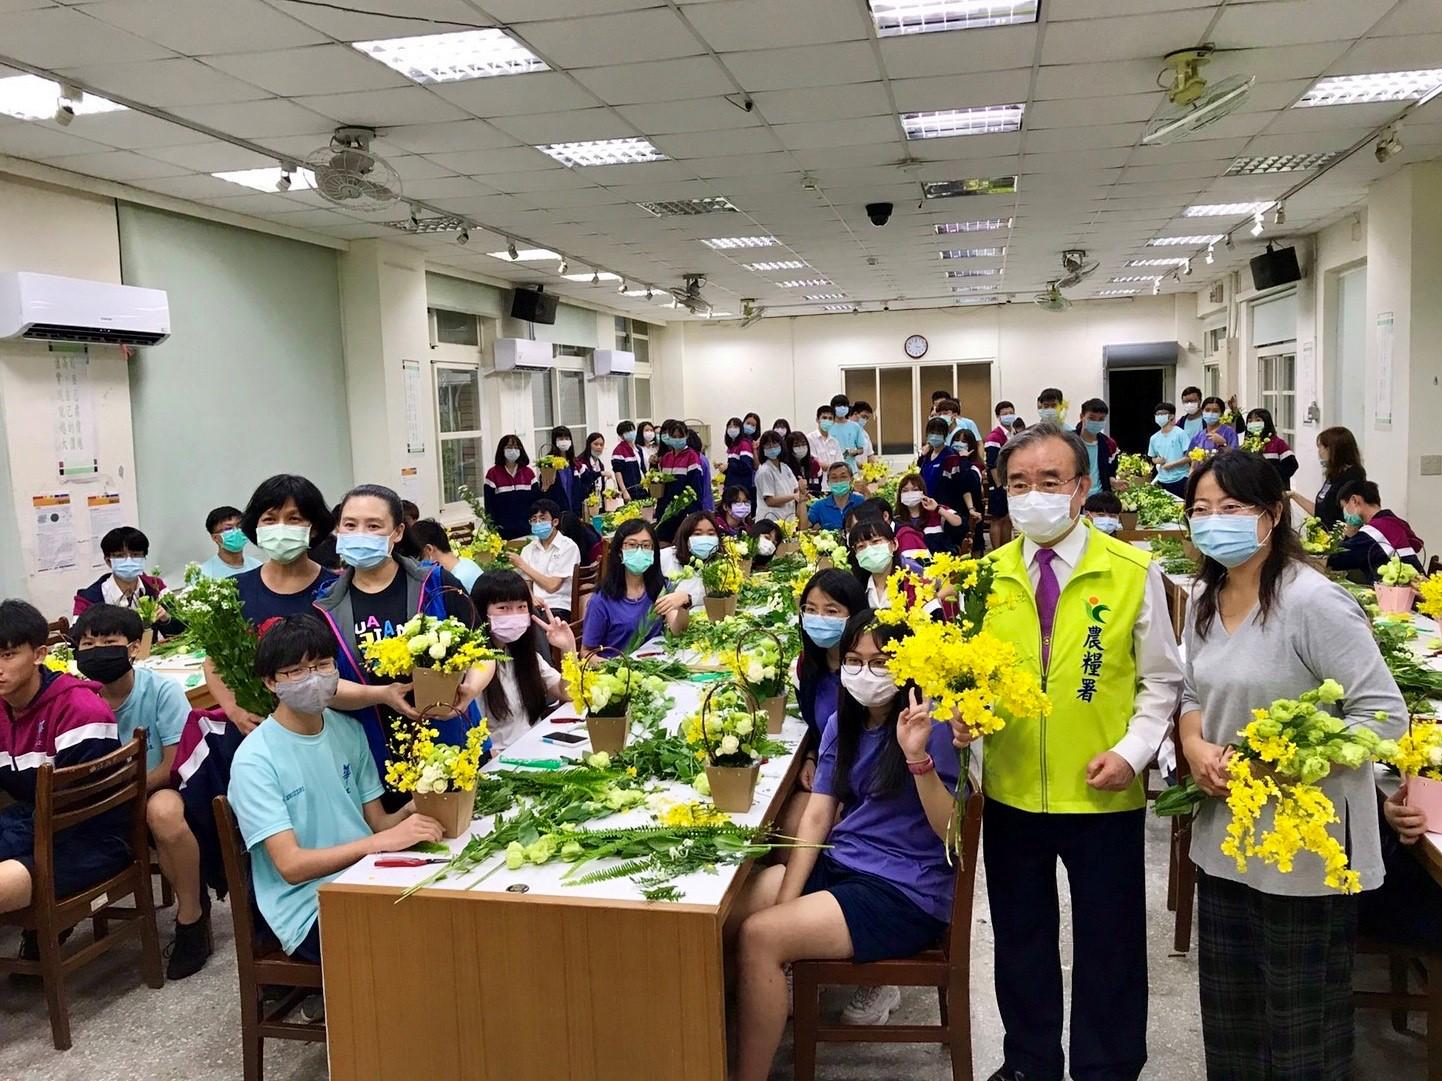 臺北市華江高中師生參與校園花育課程。(記者張光雄翻攝)